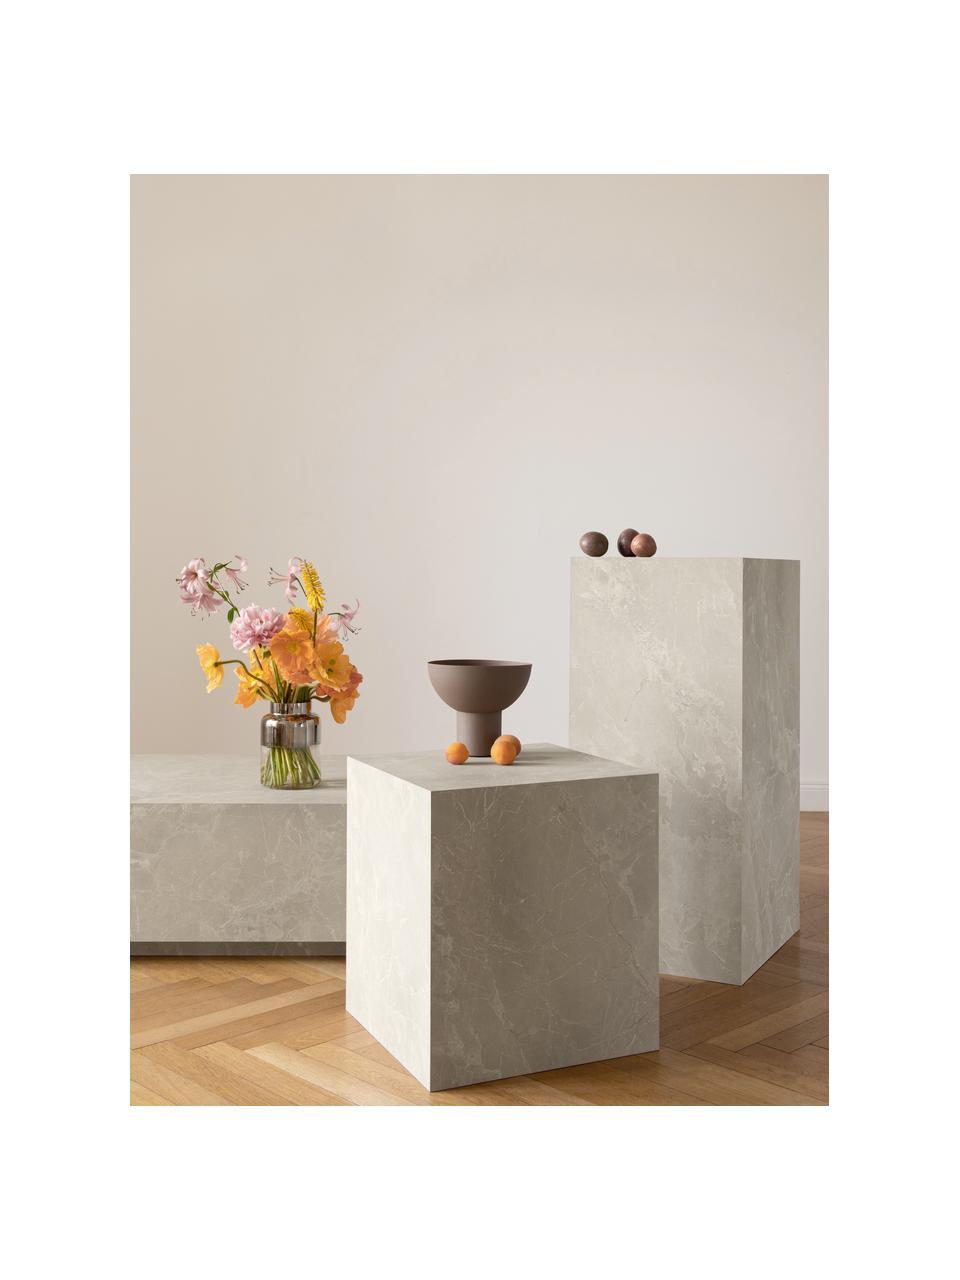 Zwevende salontafel Lesley in travertijn look, MDF bekleed met melaminefolie, Beige, travertijn look, 90 x 35 cm